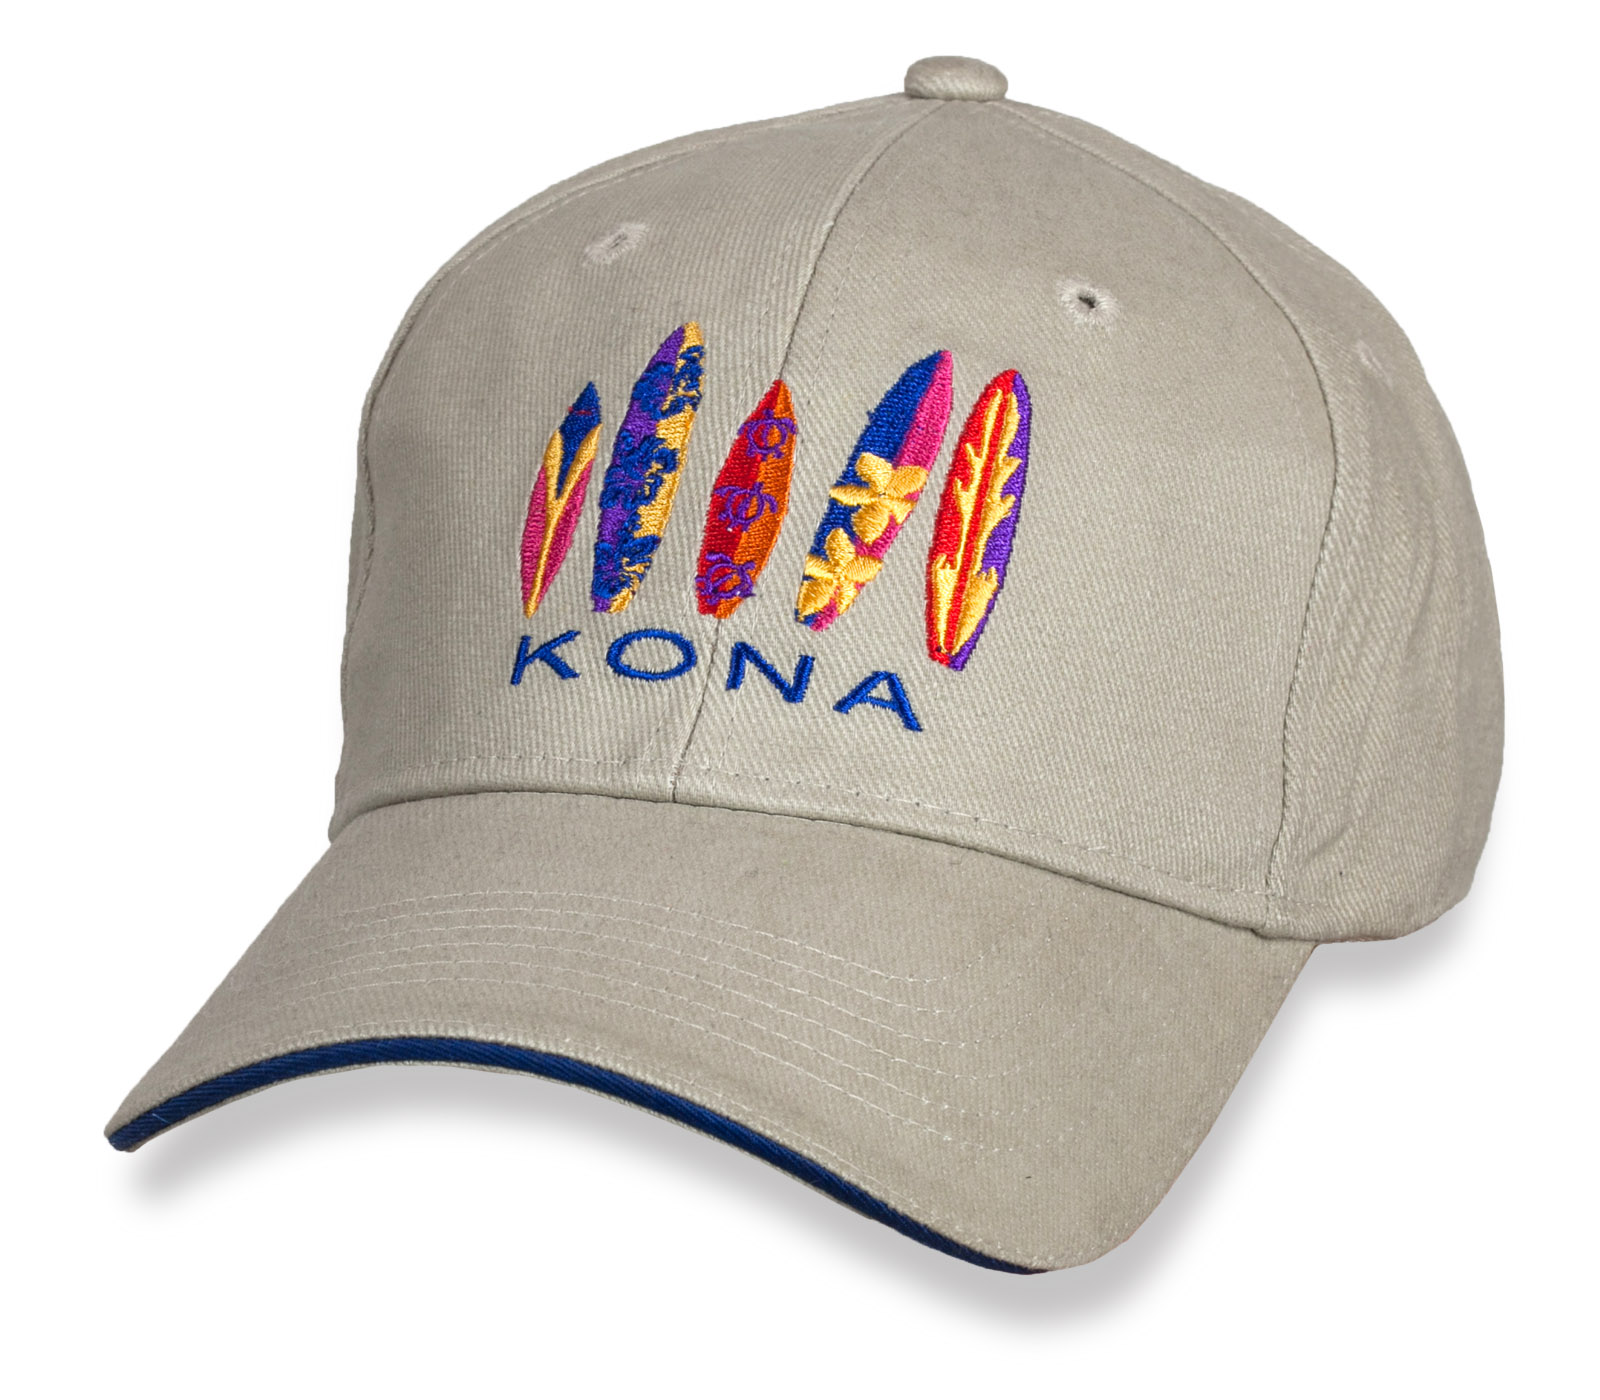 Светлая бейсболка Kona.